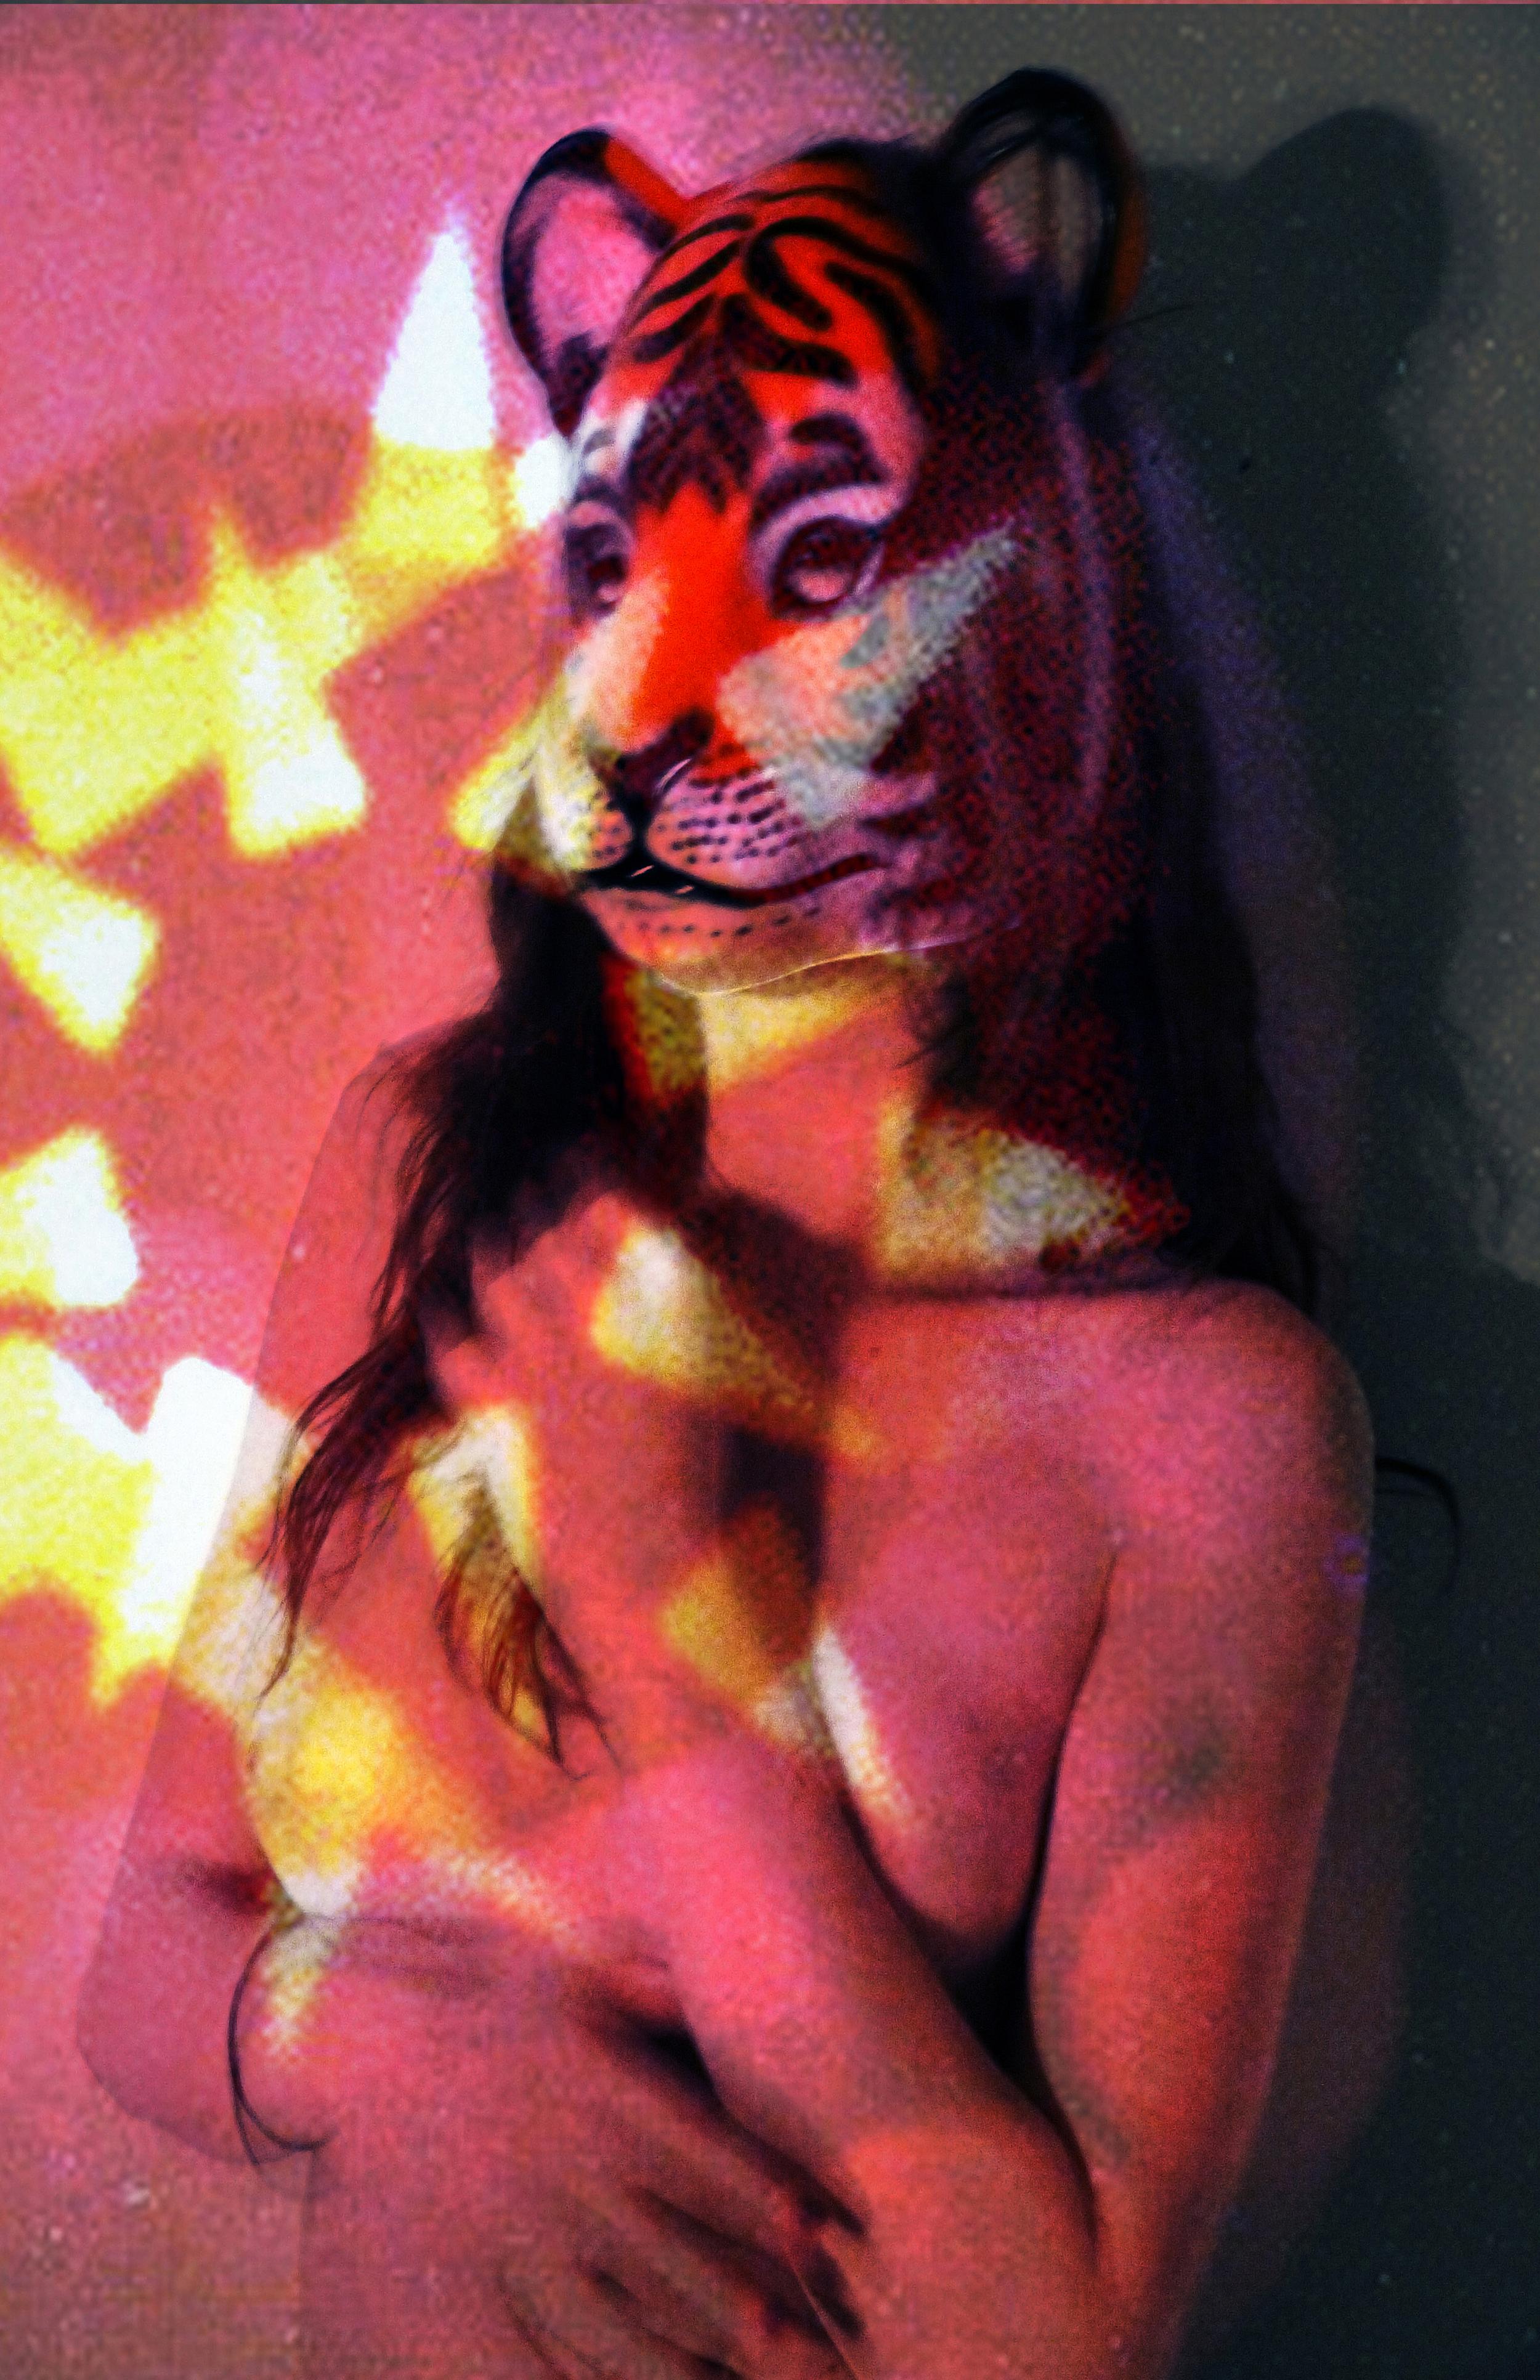 Tiger_right_11x17.jpg